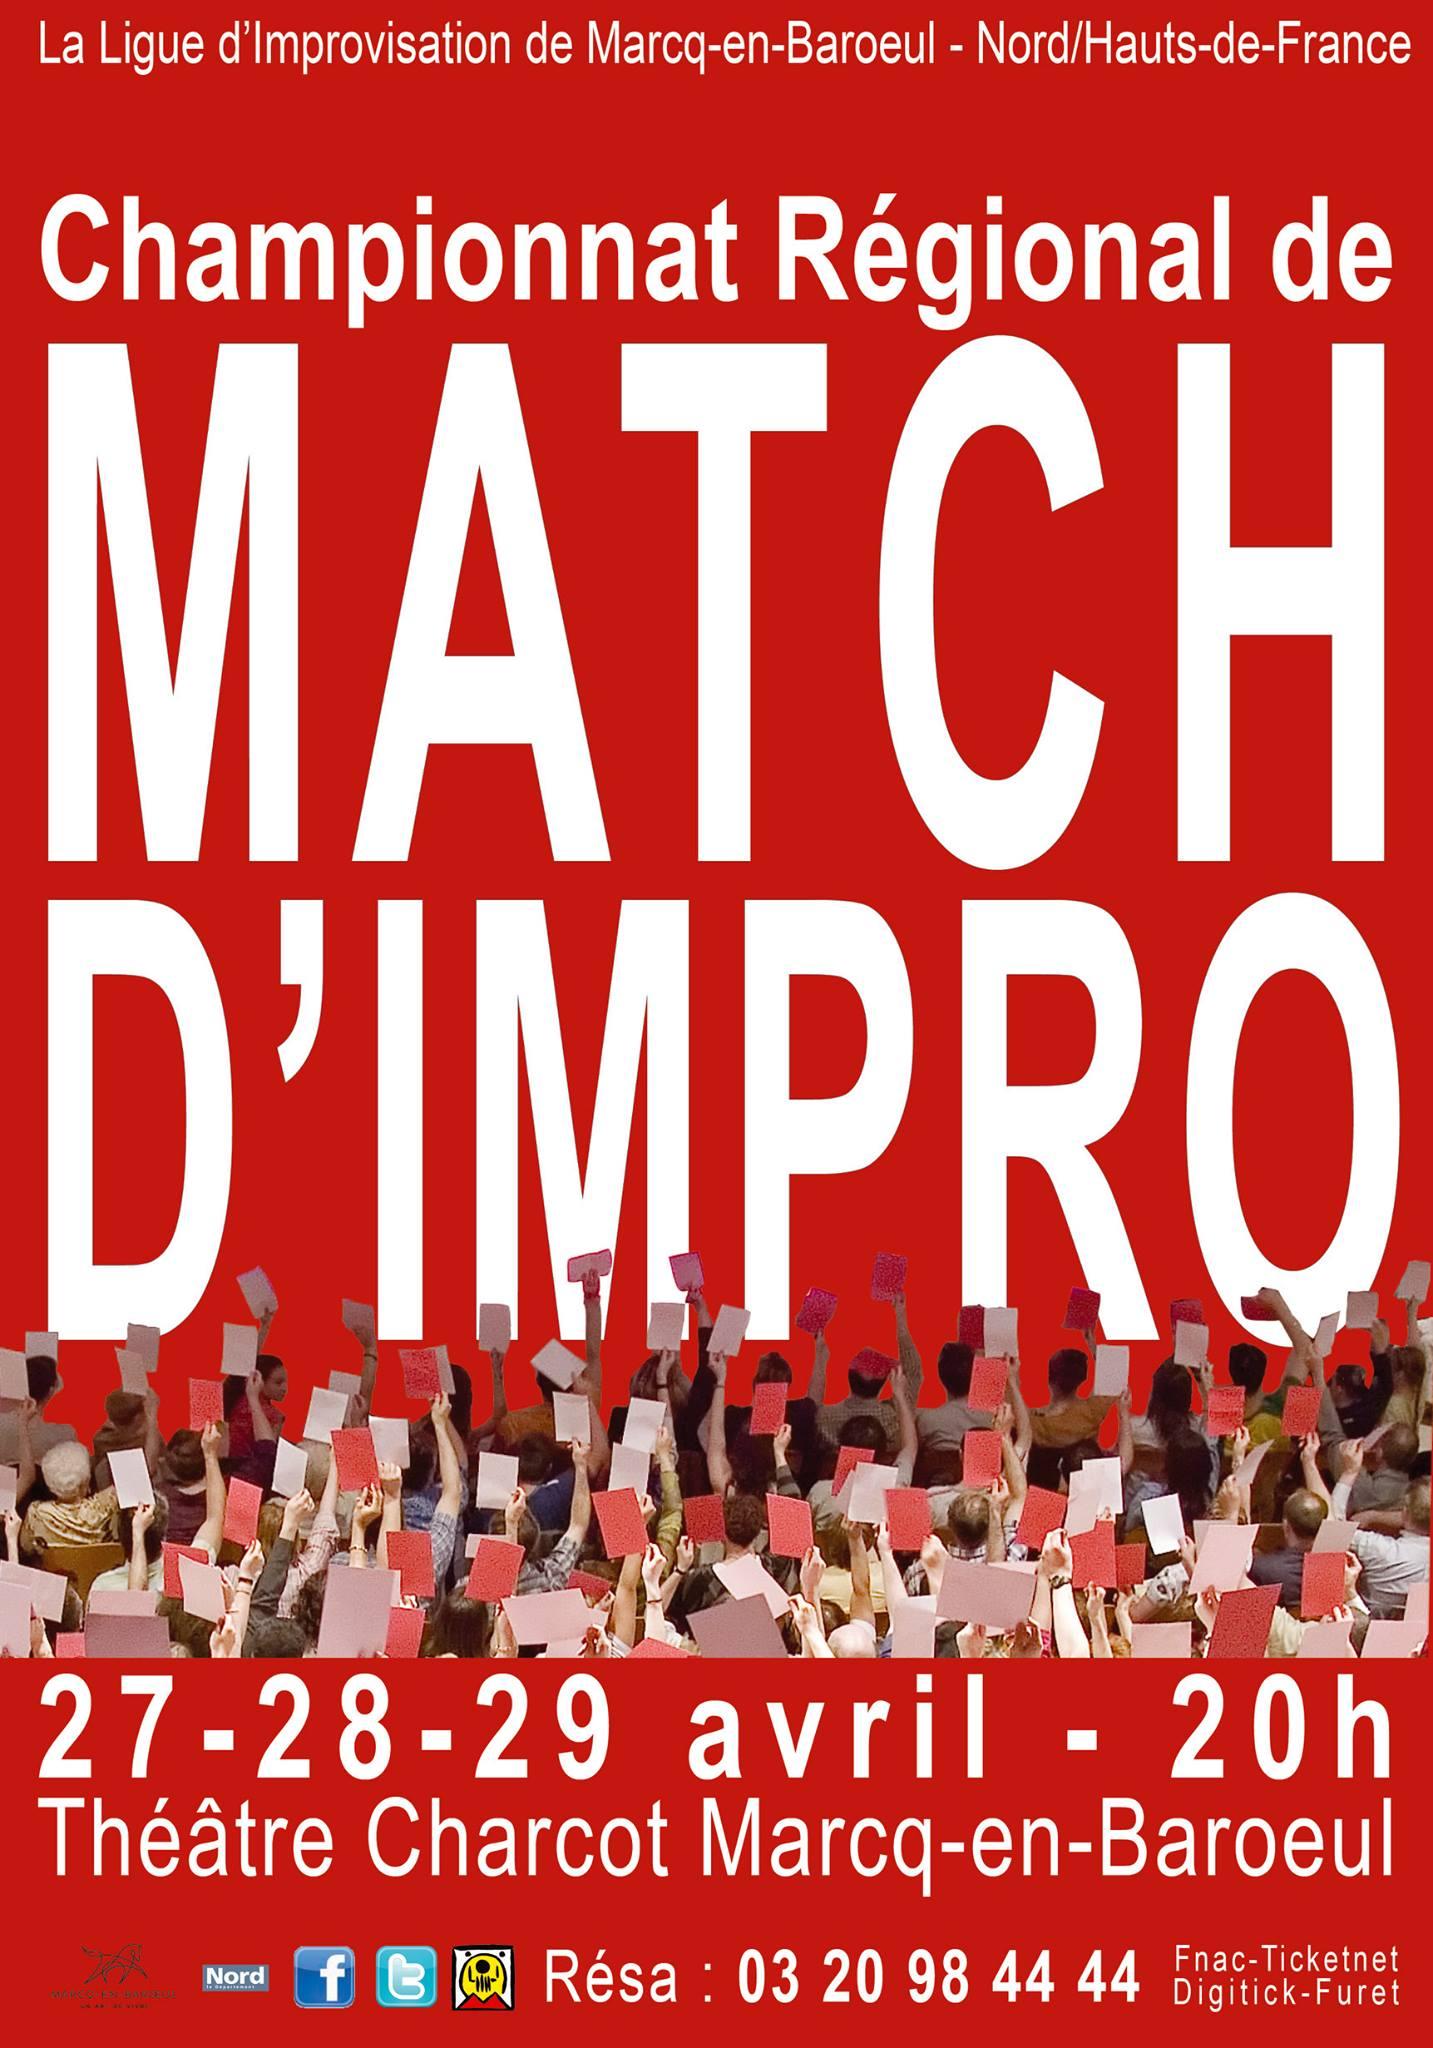 Match d'impro – Championnat Régional